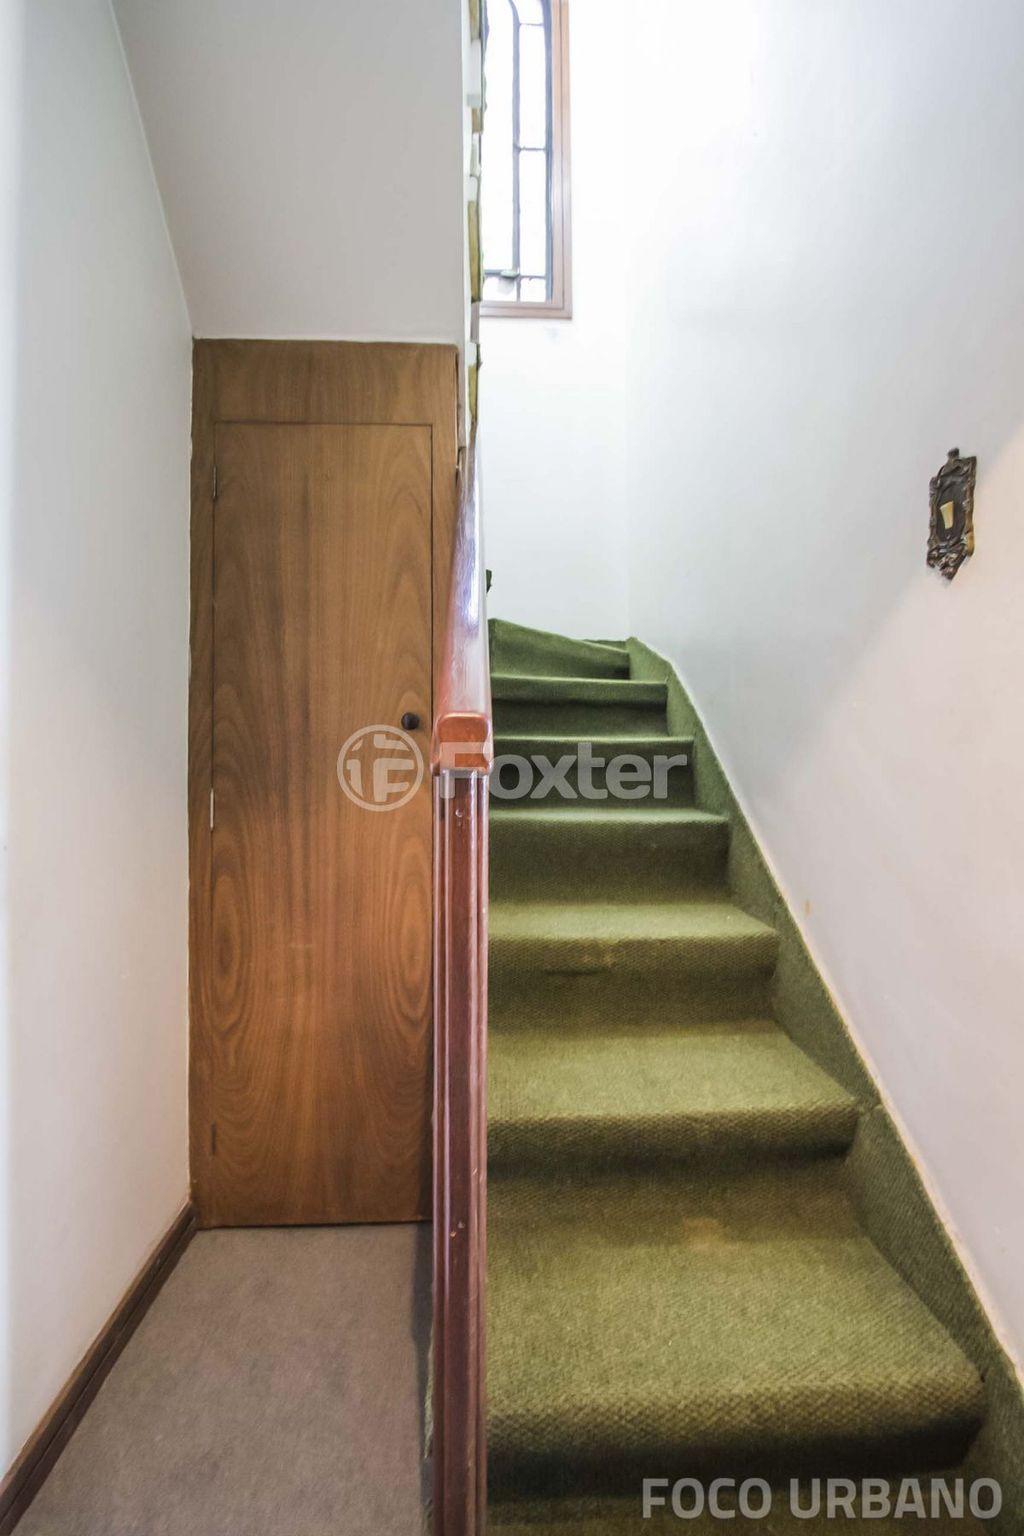 Foxter Imobiliária - Cobertura 3 Dorm (139458) - Foto 10